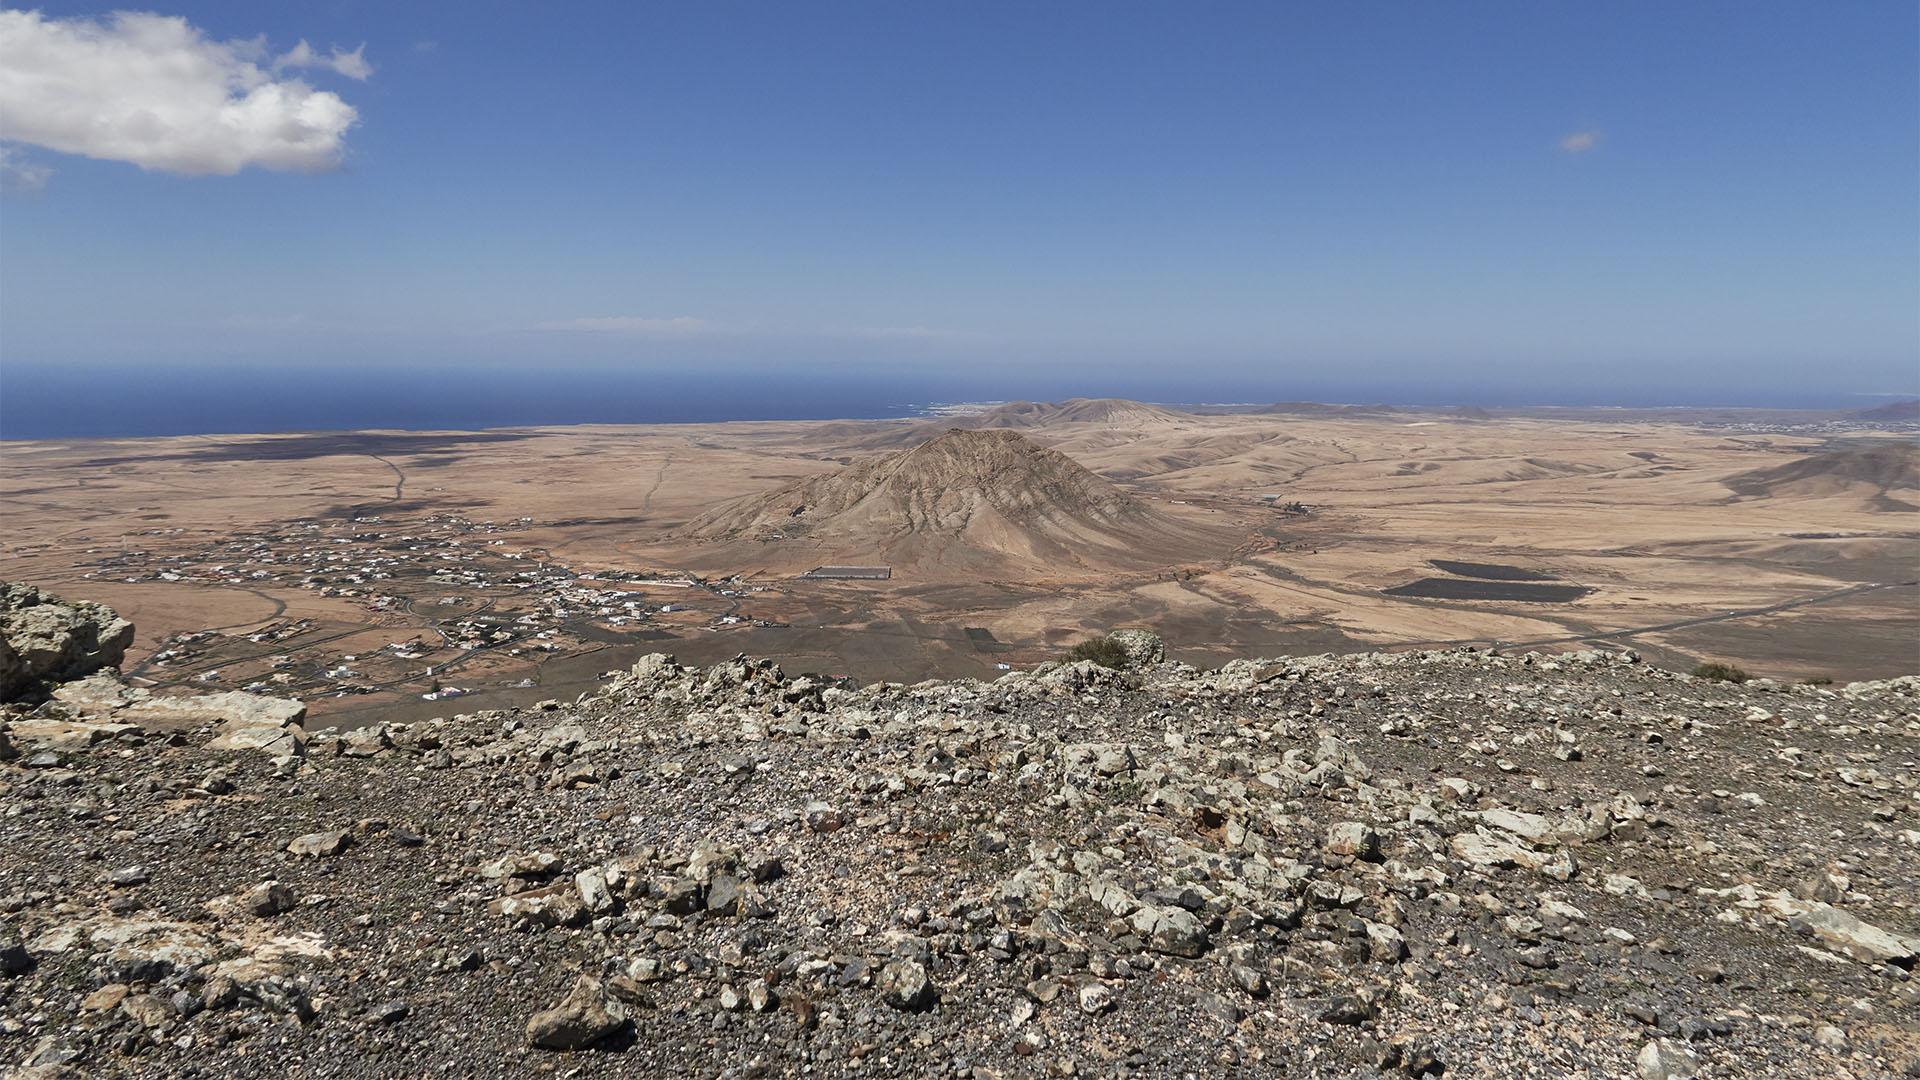 Blick vom Aussichtspunkt 2 auf den Montaña Sagrada de Tindaya.